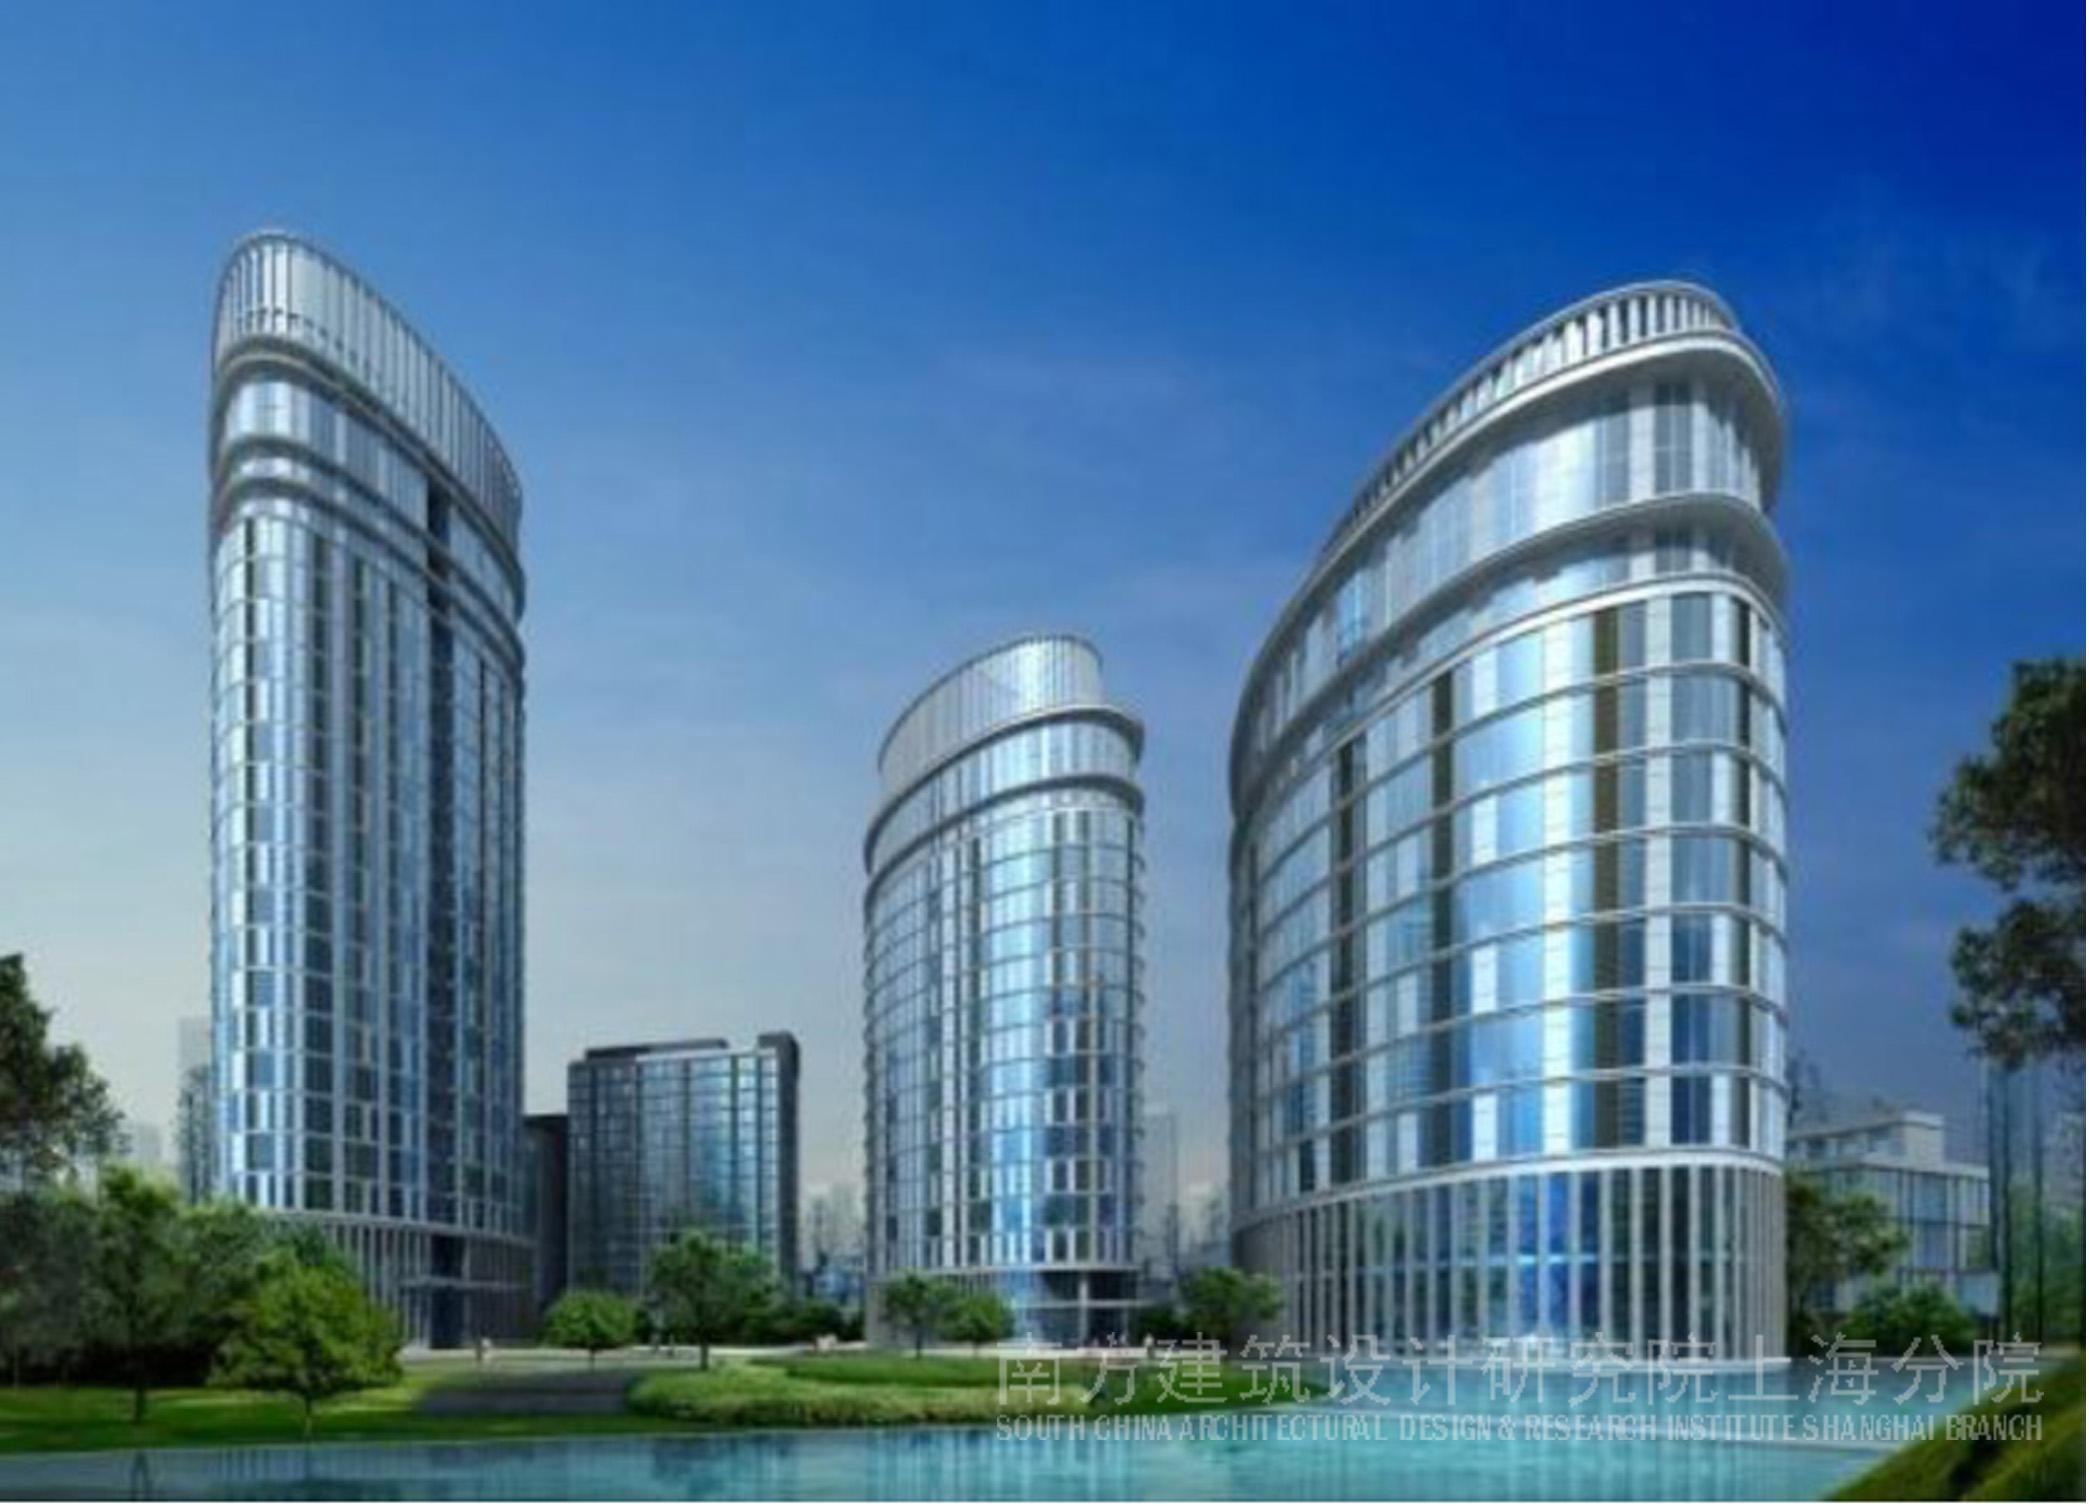 均胜总部基地建筑规划设计 高清图片